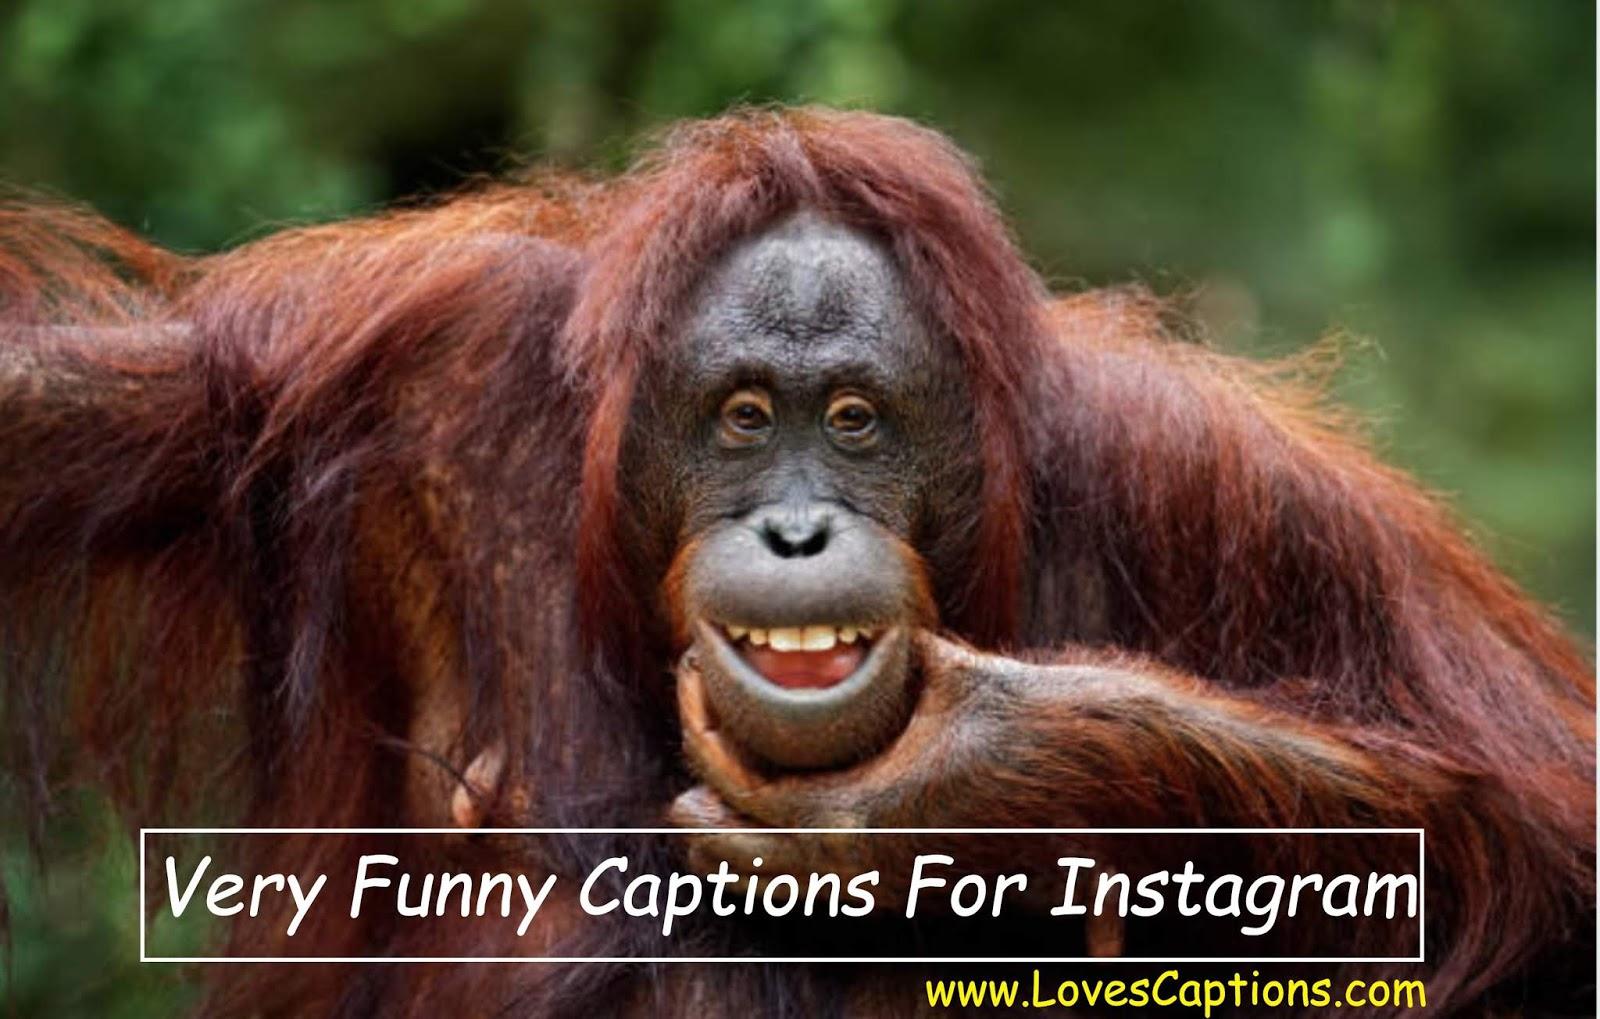 Super Laugh! I bet I can make you smile :D